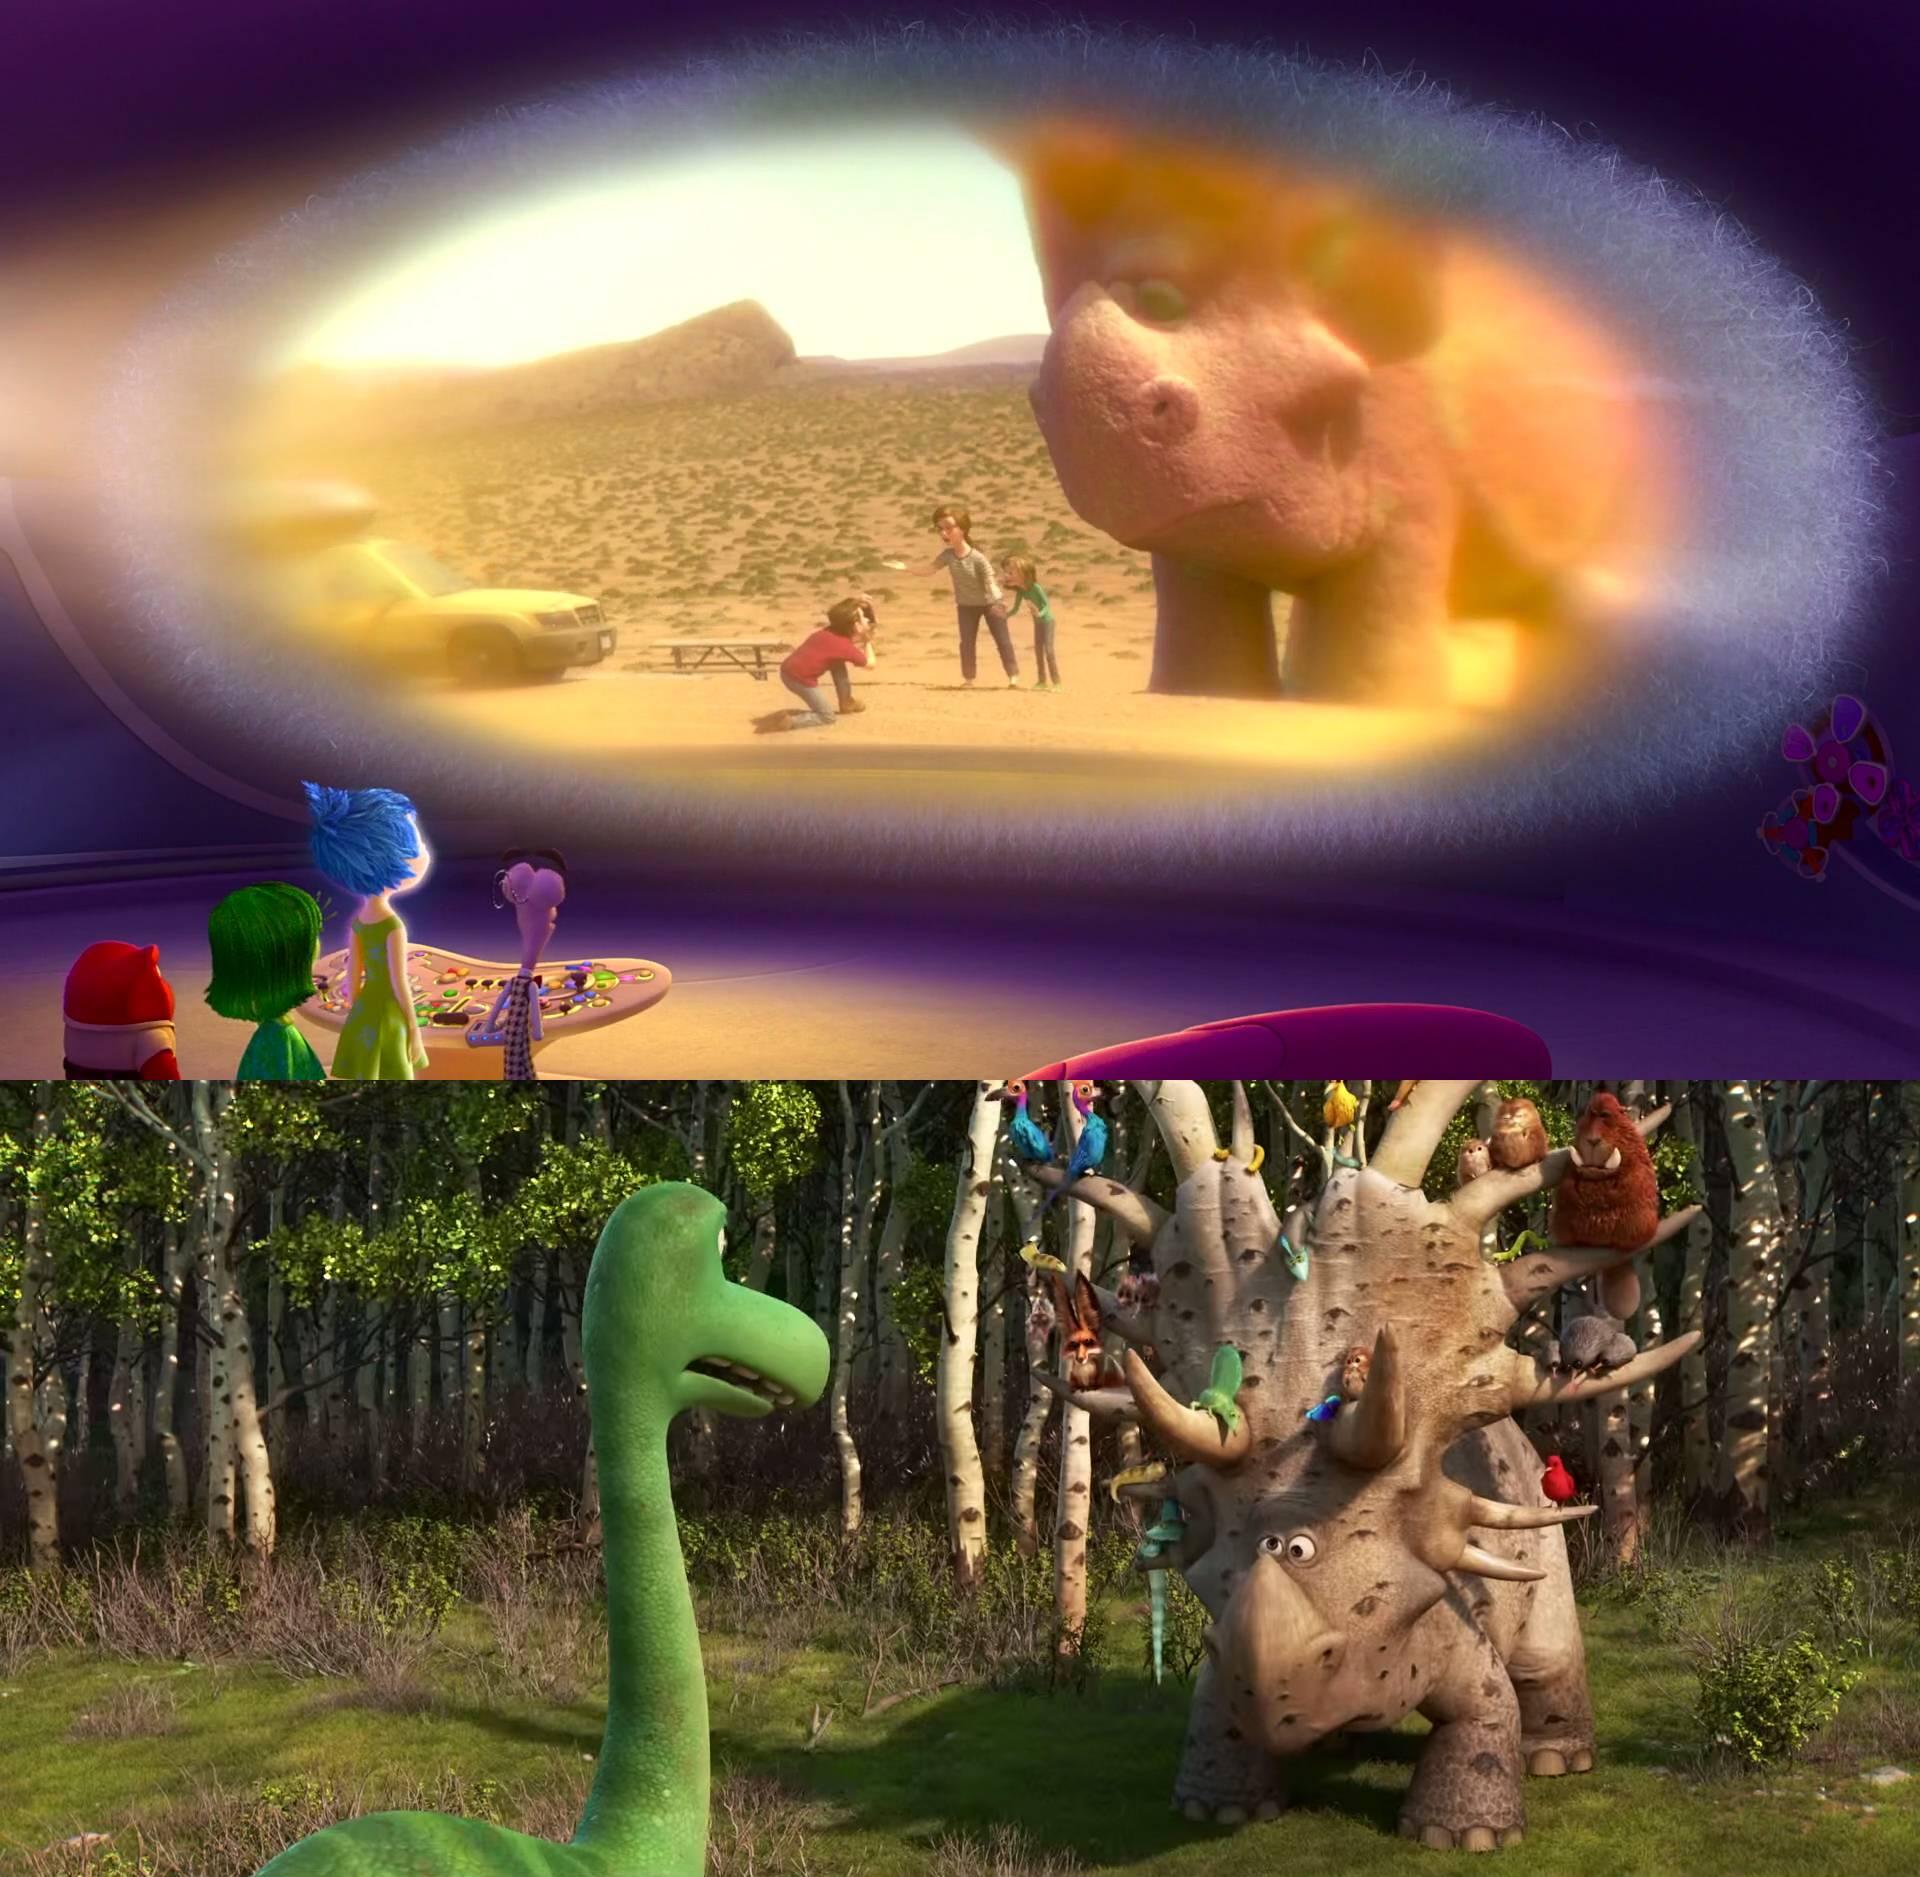 Easter Egg Dinosaur Surprise